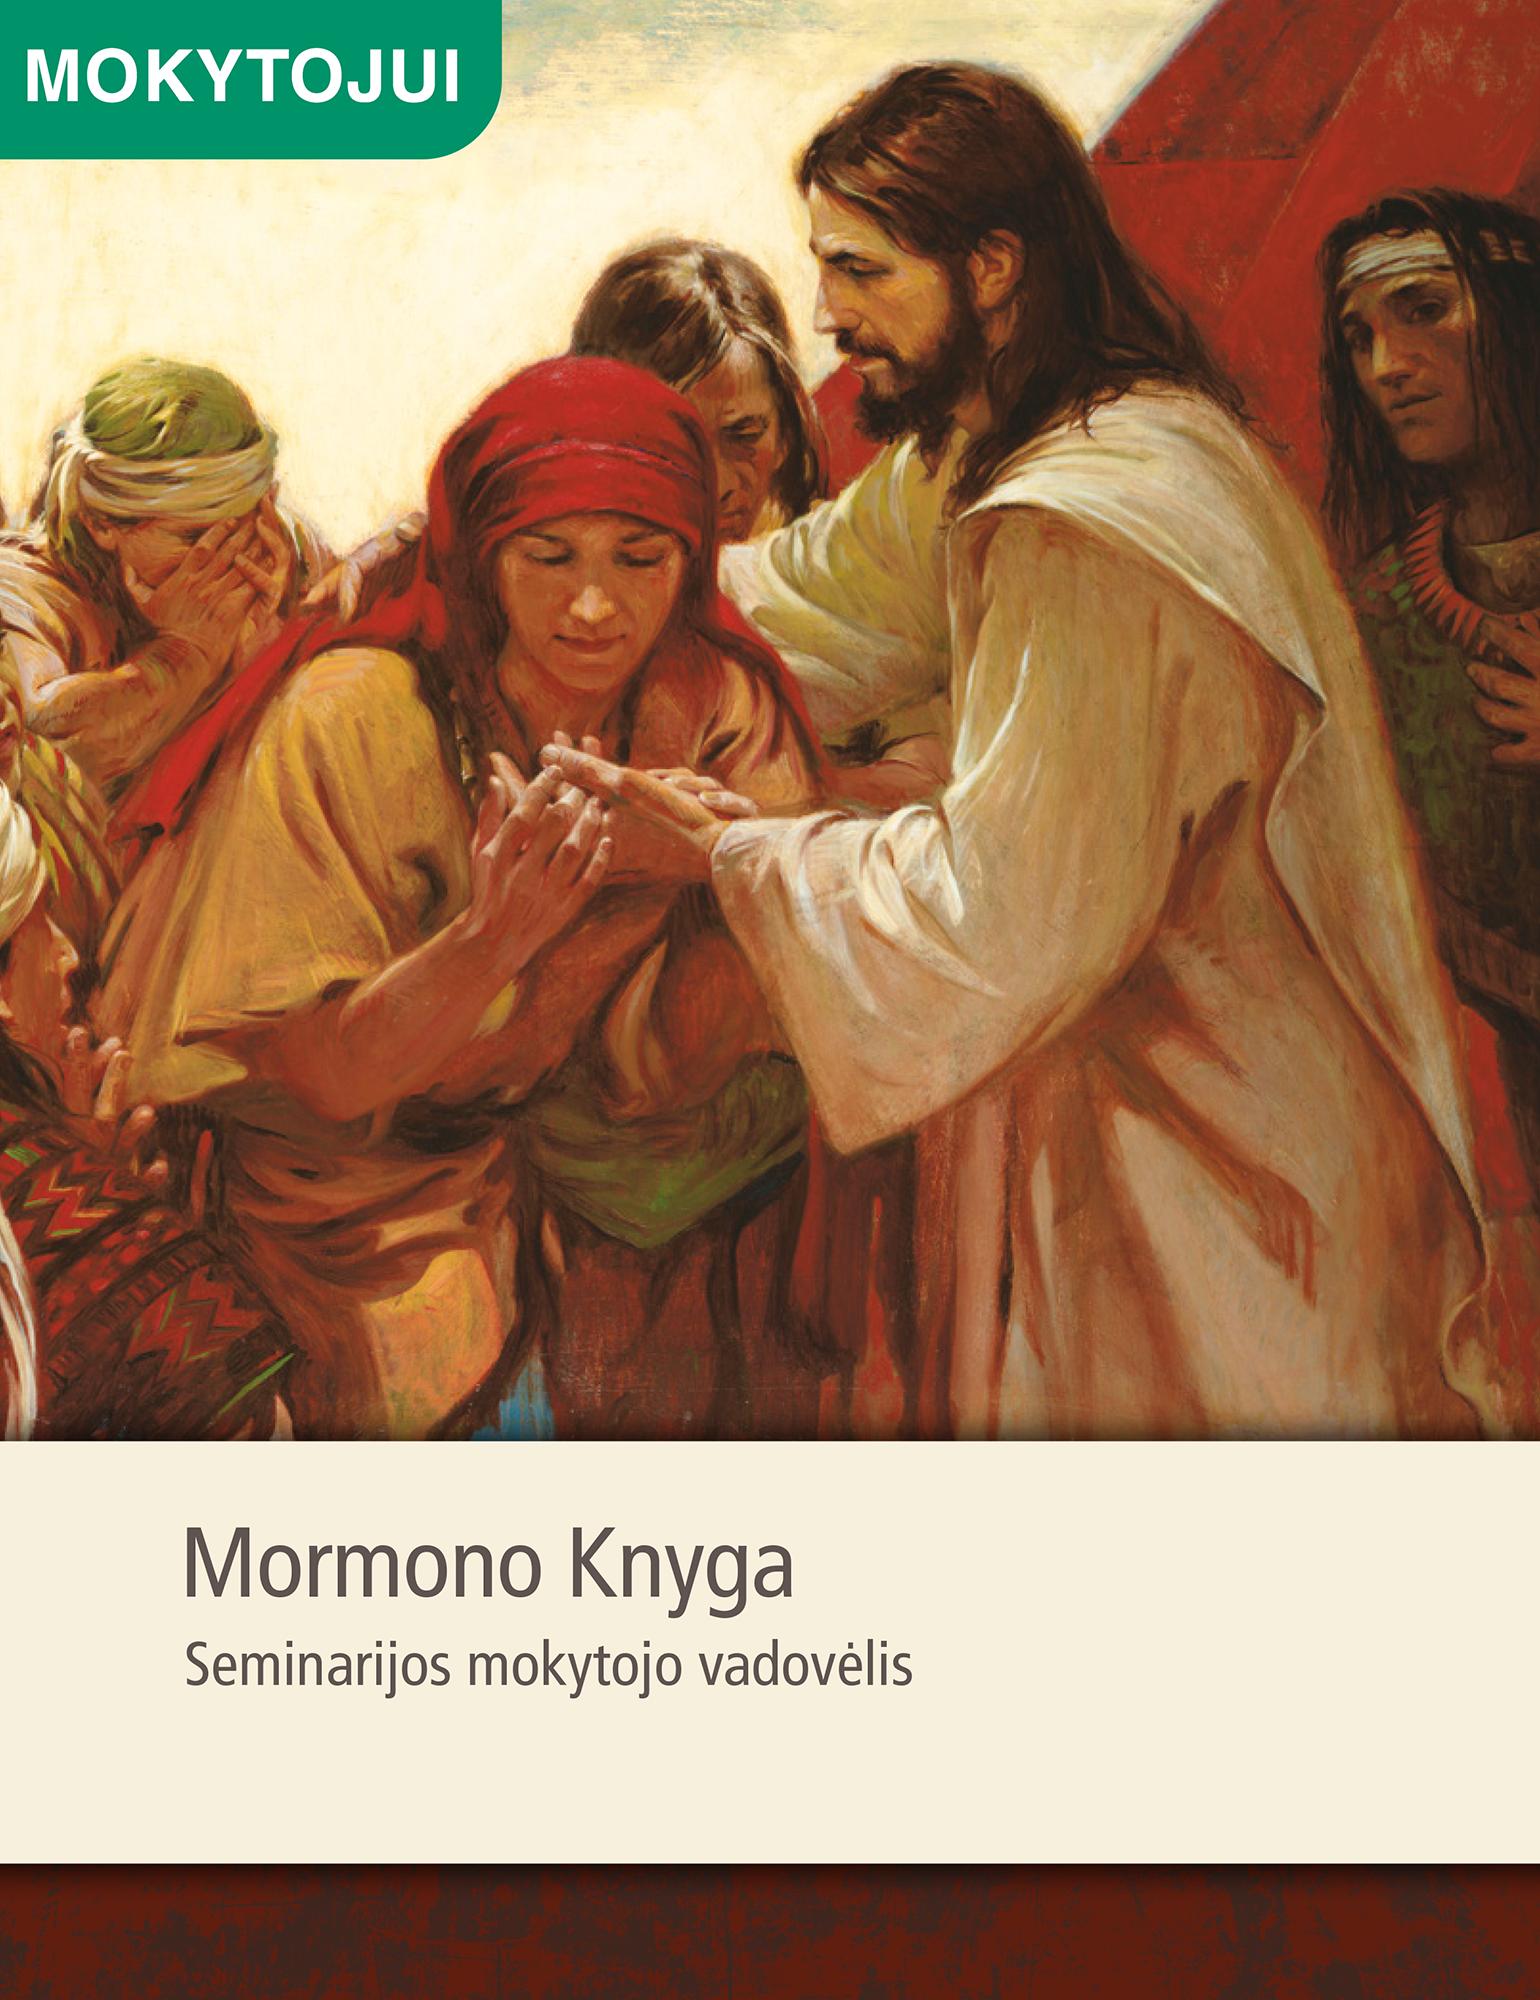 Mormono Knyga. Seminarijos mokytojo vadovėlis